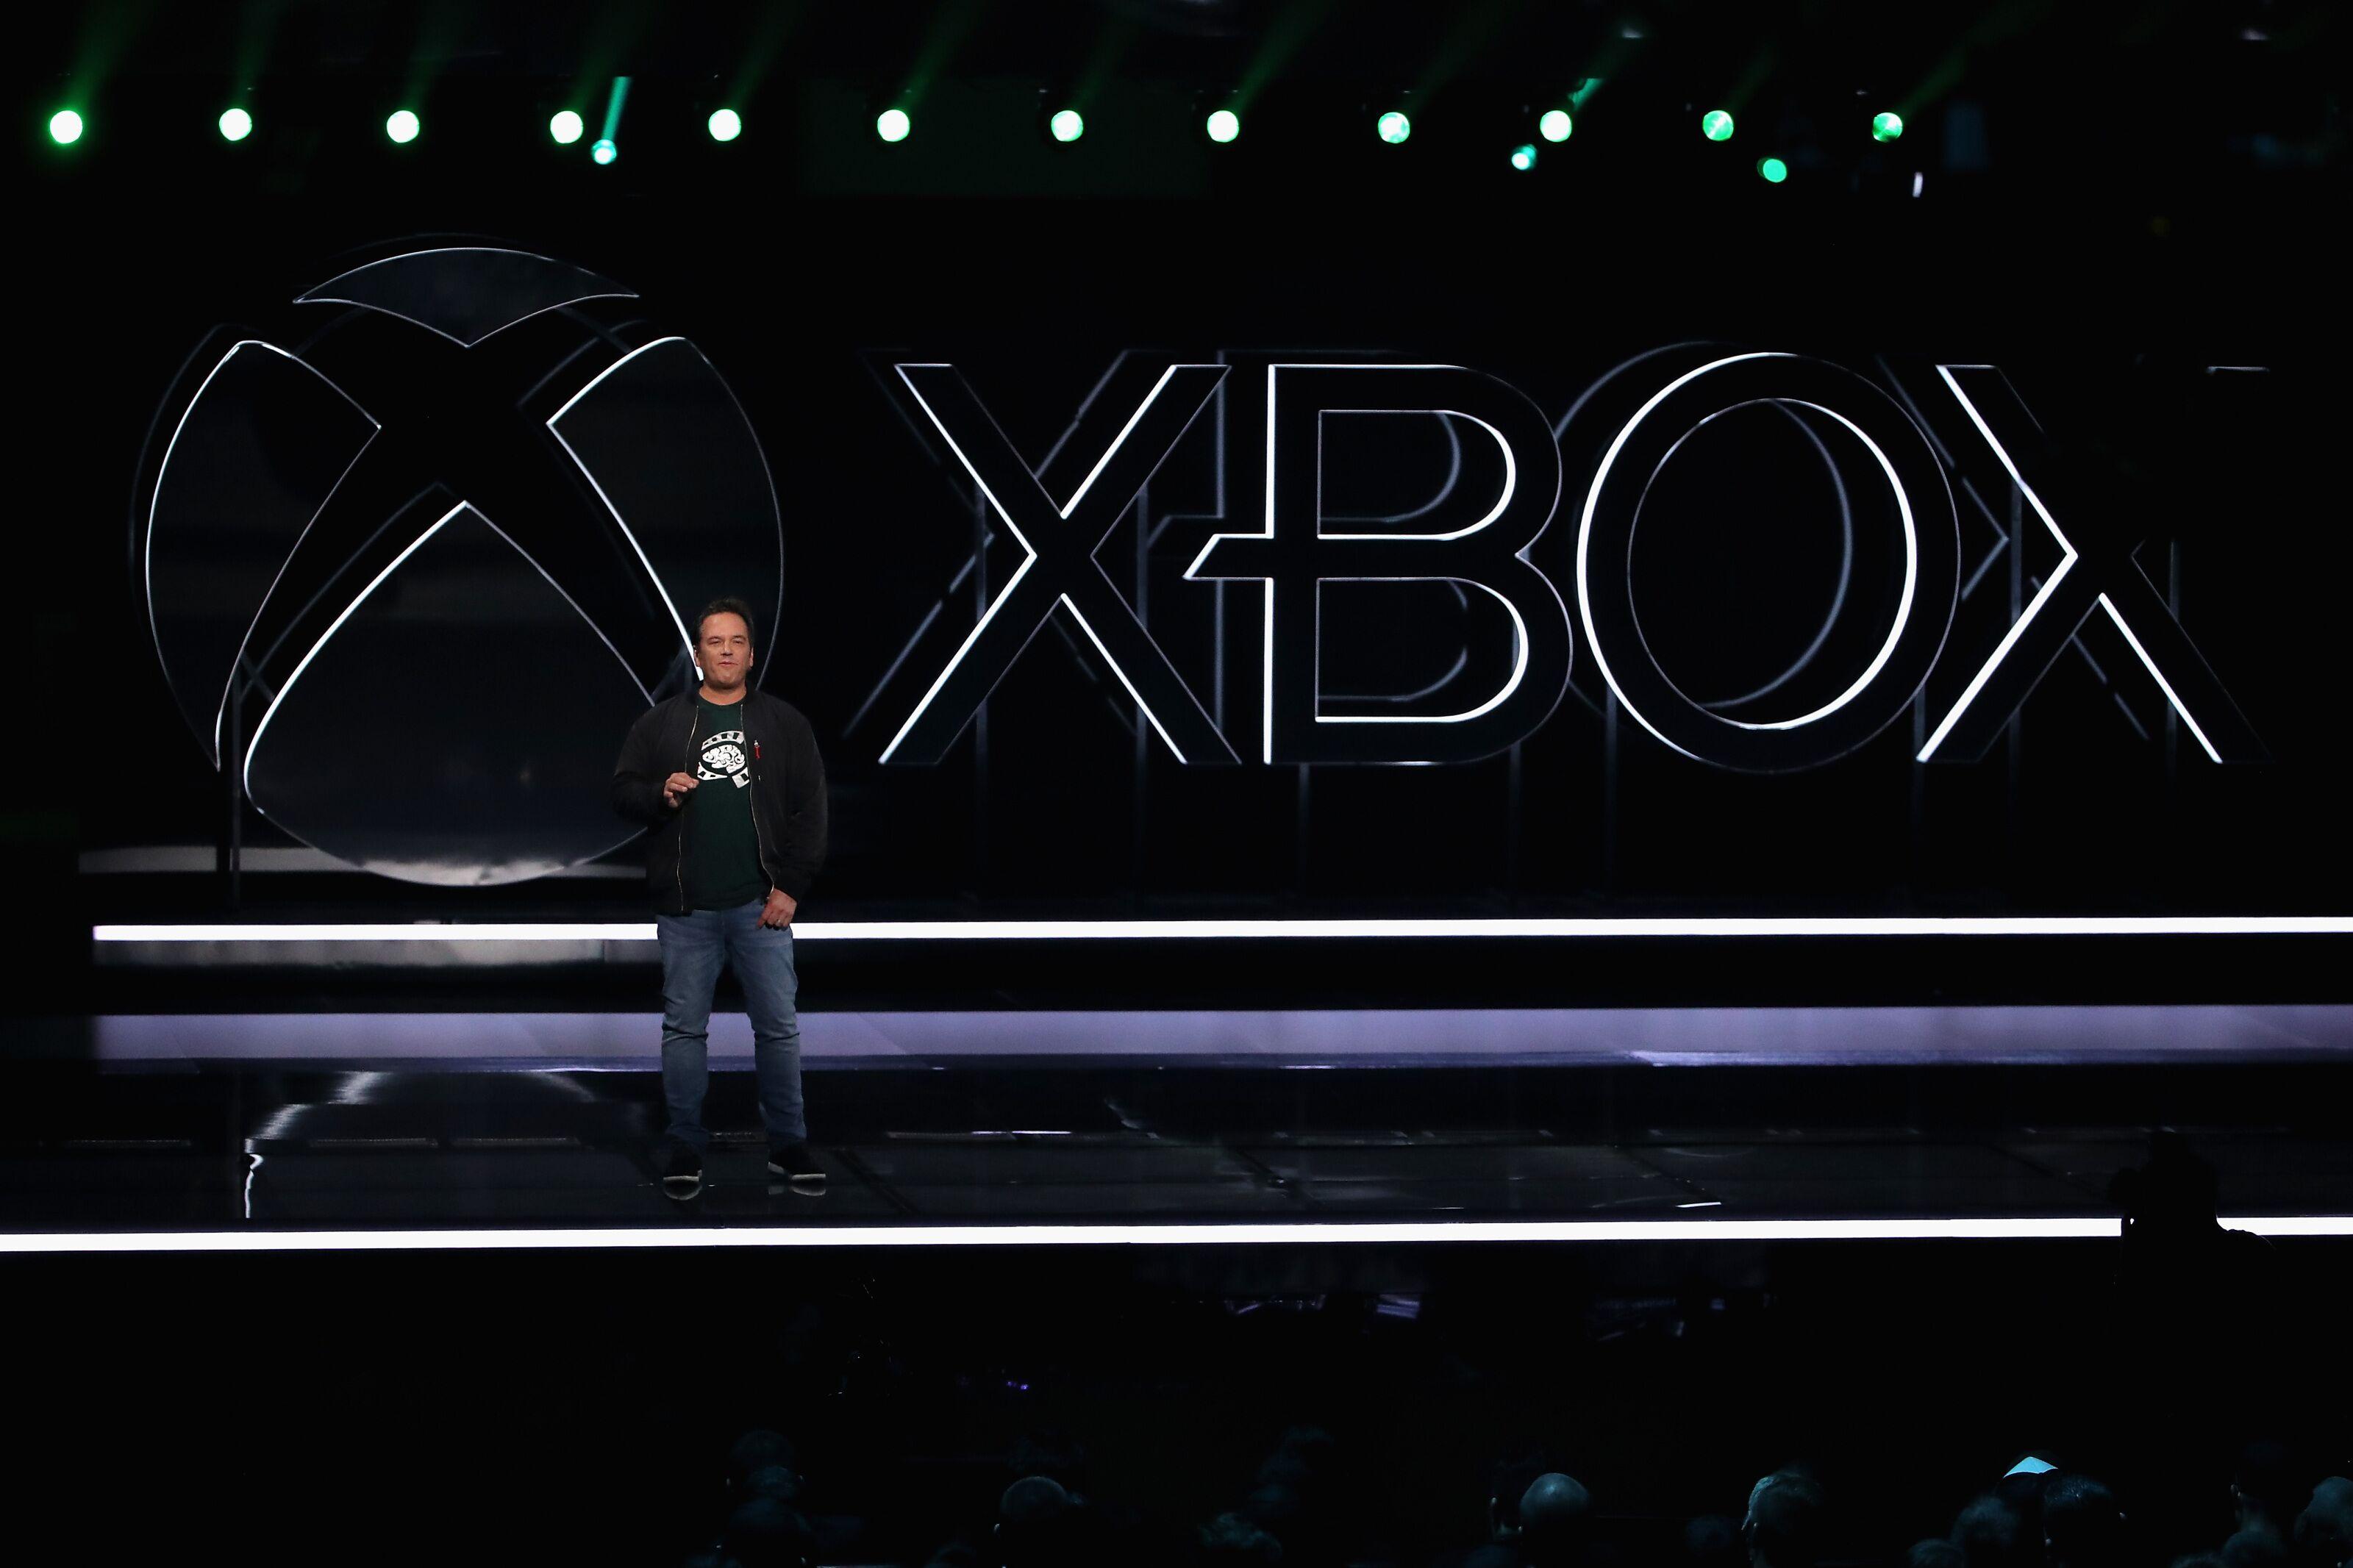 Xbox E3 2019 Briefing report card: Gears 5, Halo Infinite & more